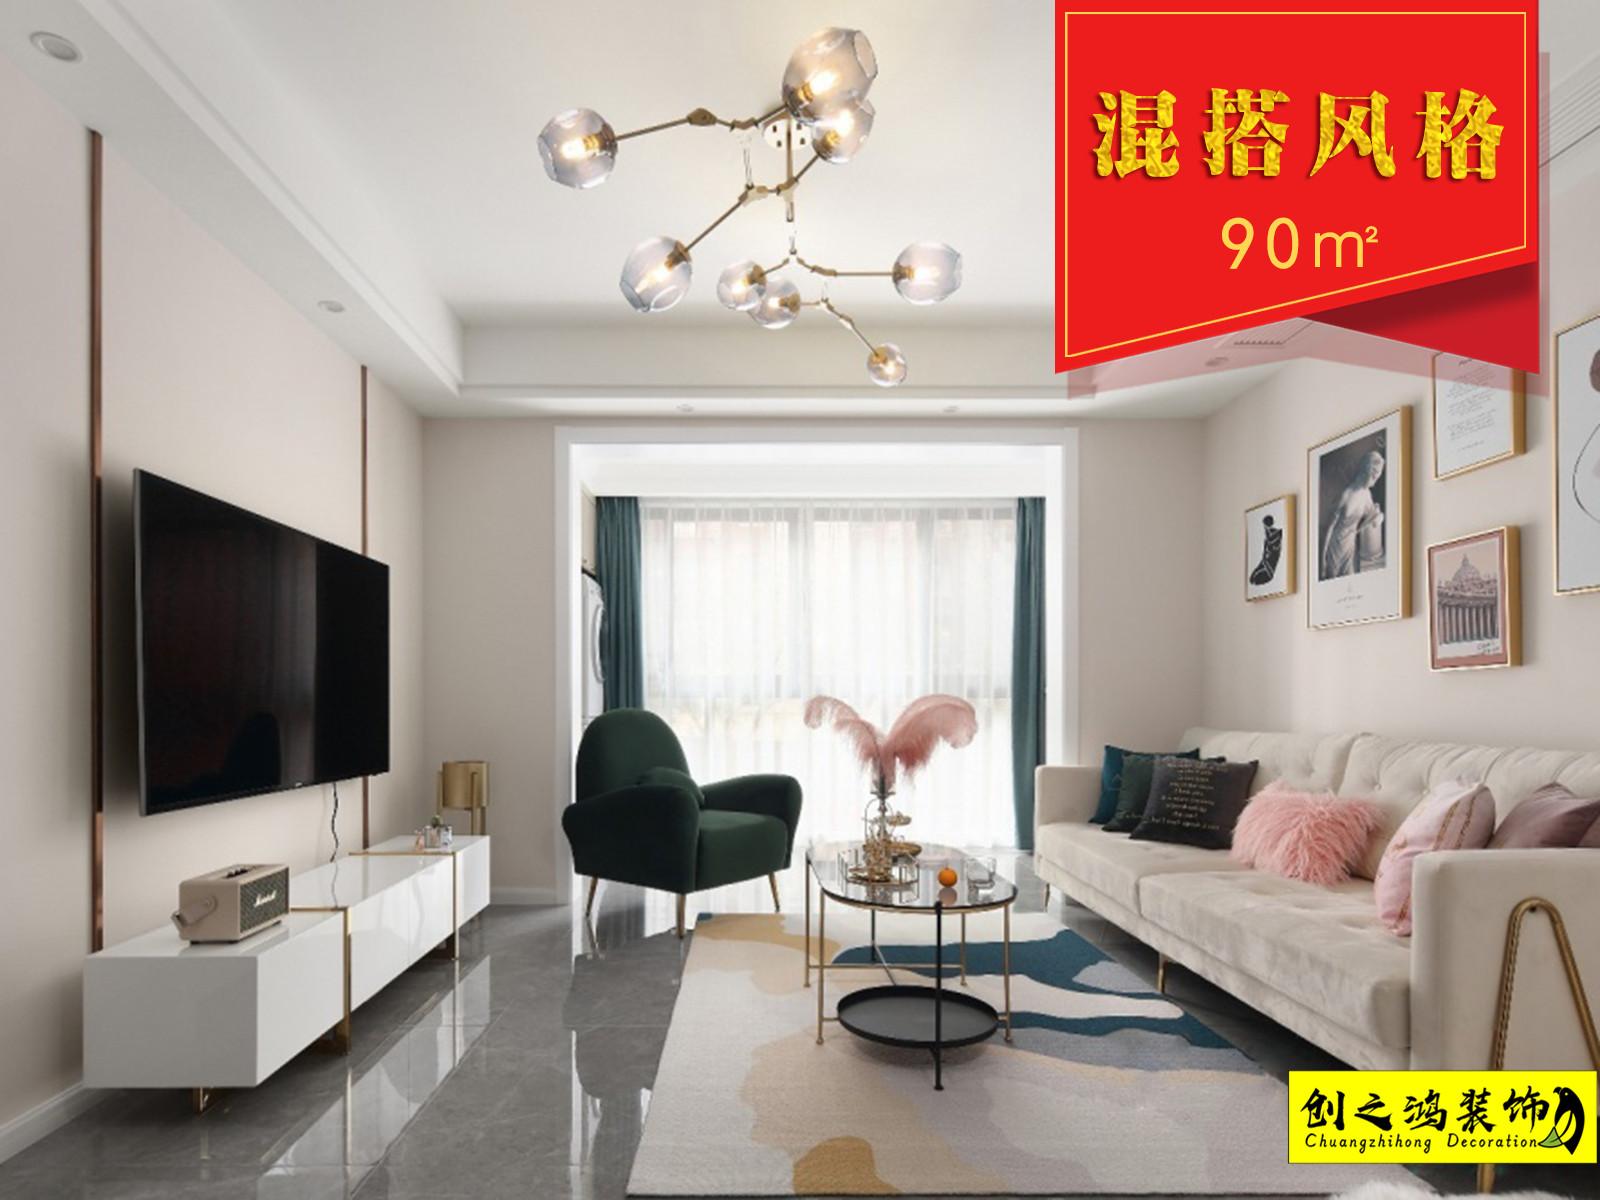 90㎡松江东湖小镇二居室混搭风格装修效果图